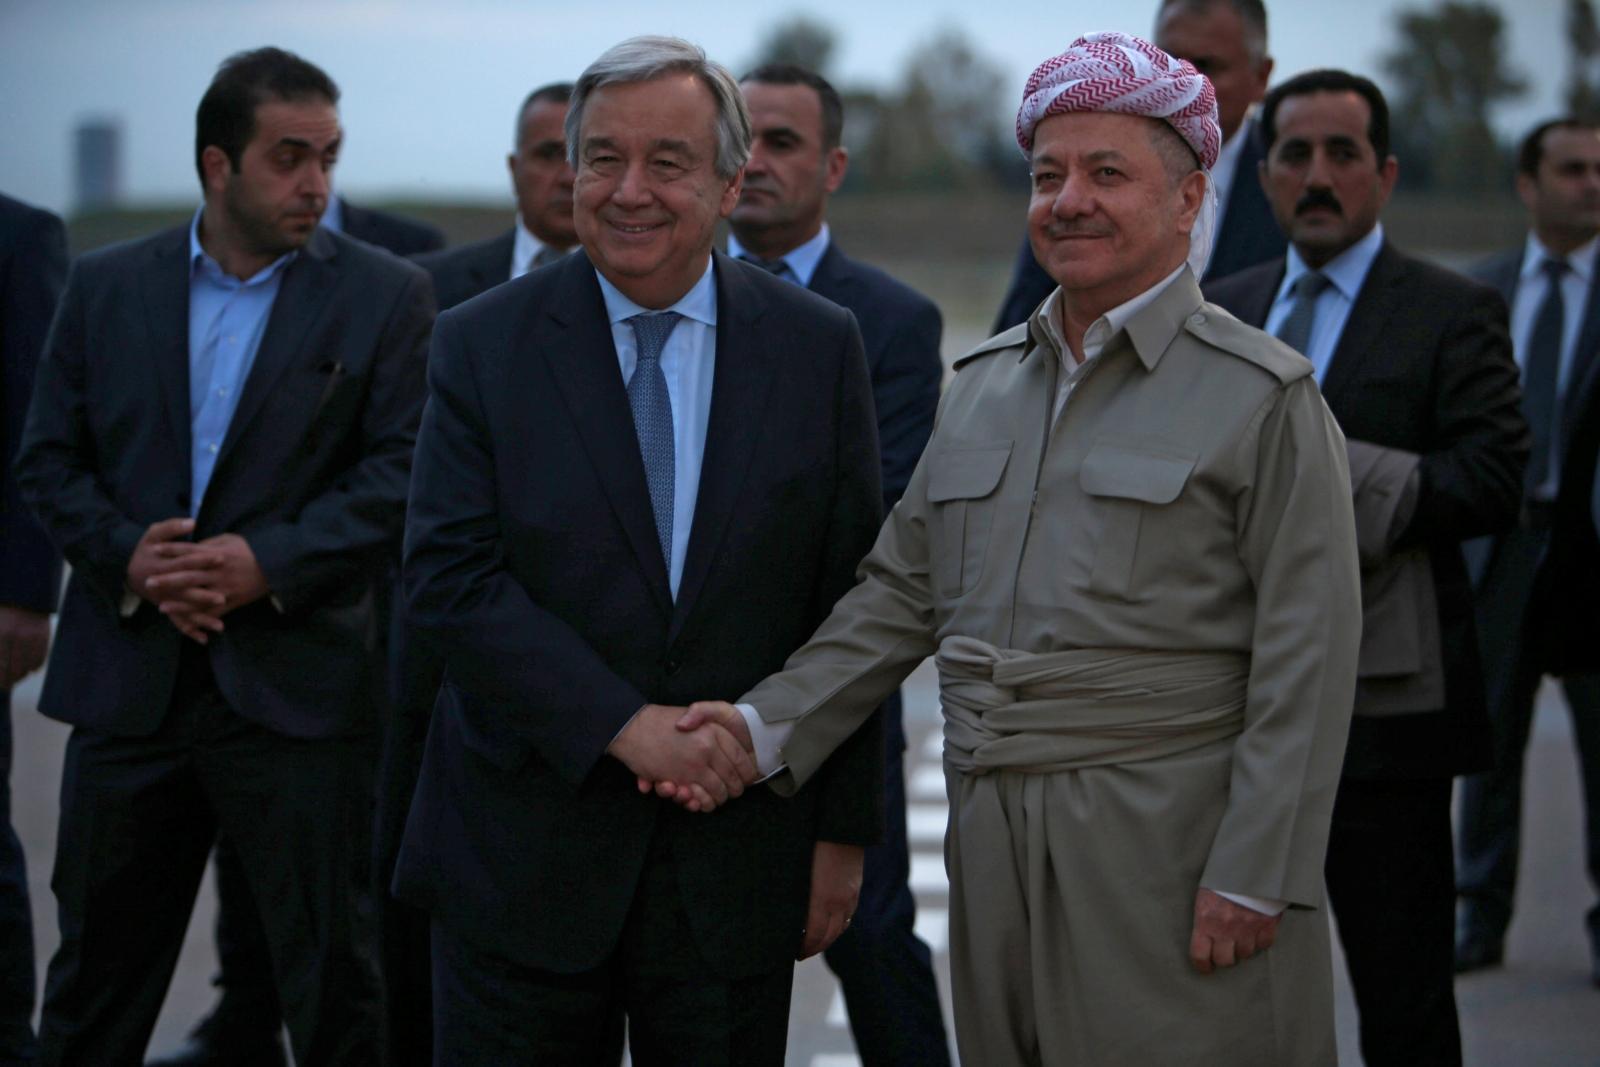 Guterres and Barzani